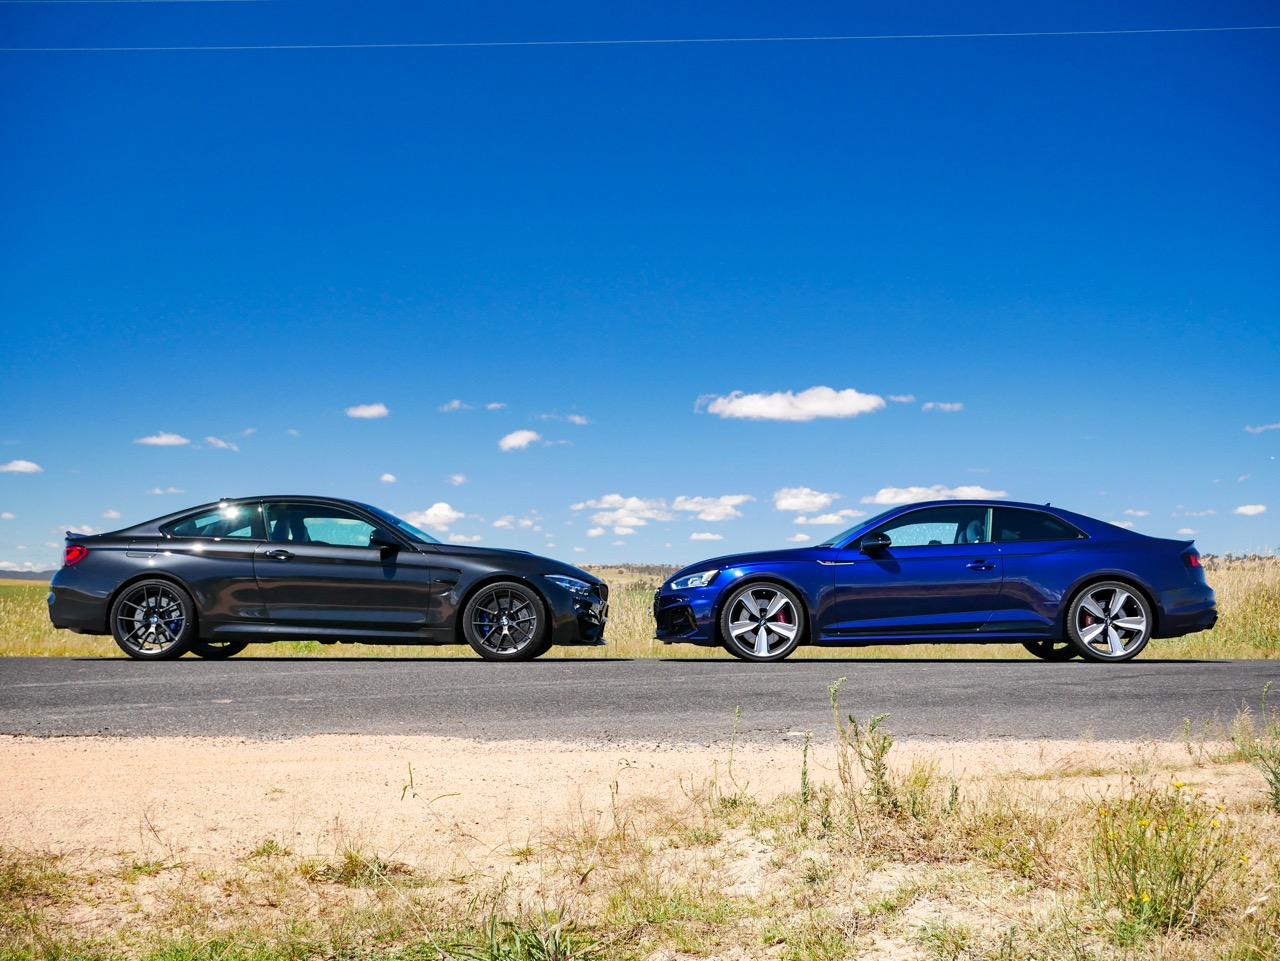 Audi RS5 v BMW M4 CS comparison review